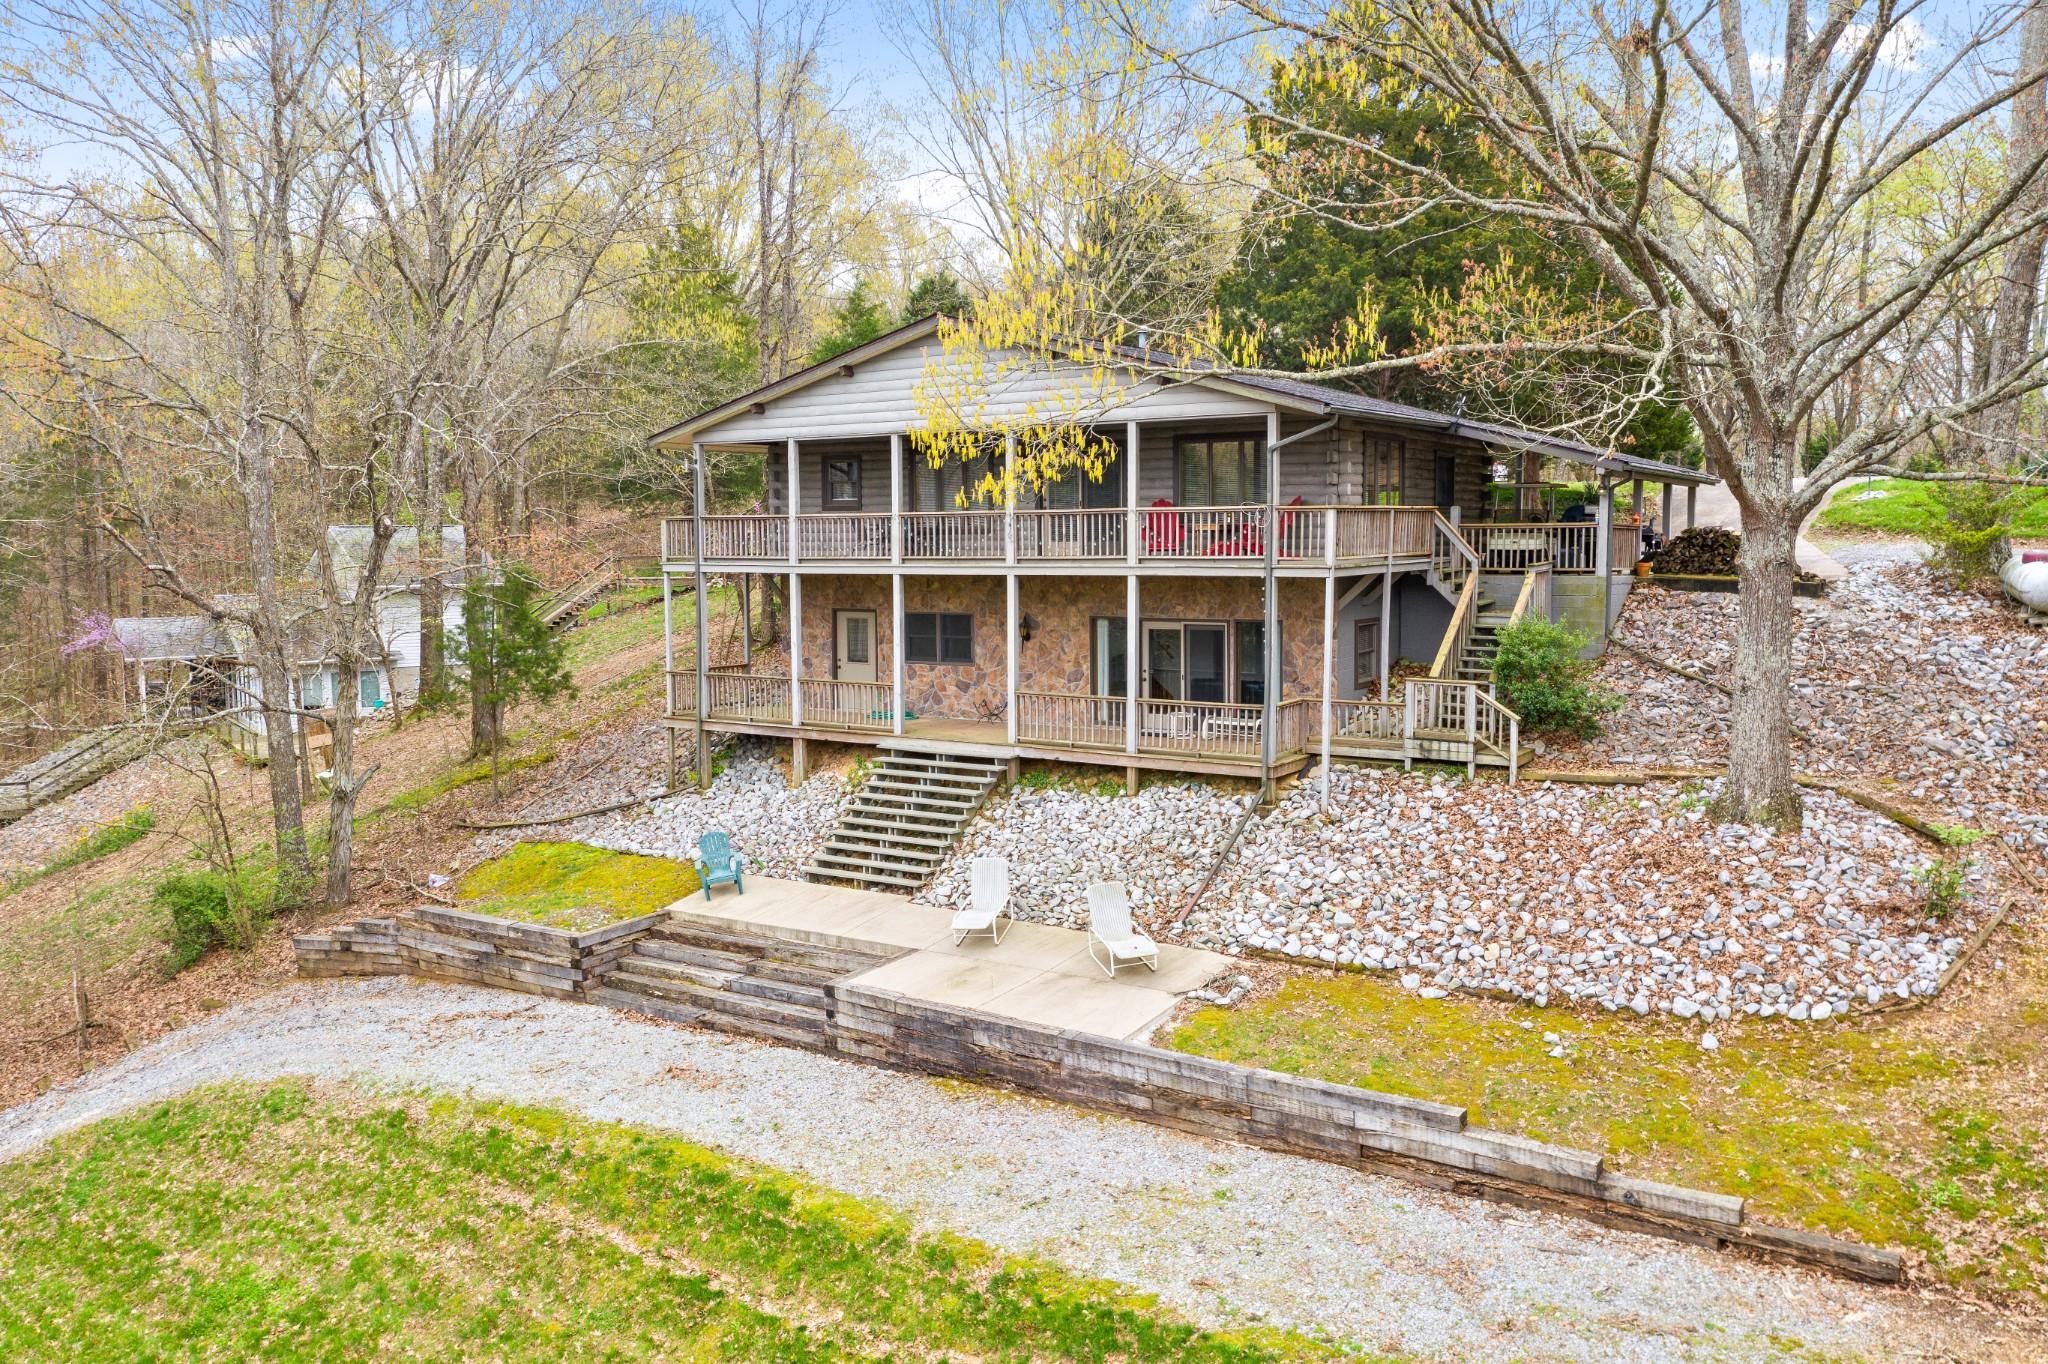 54 Ellenwood Dr, Cadiz, KY 42211 - Cadiz, KY real estate listing